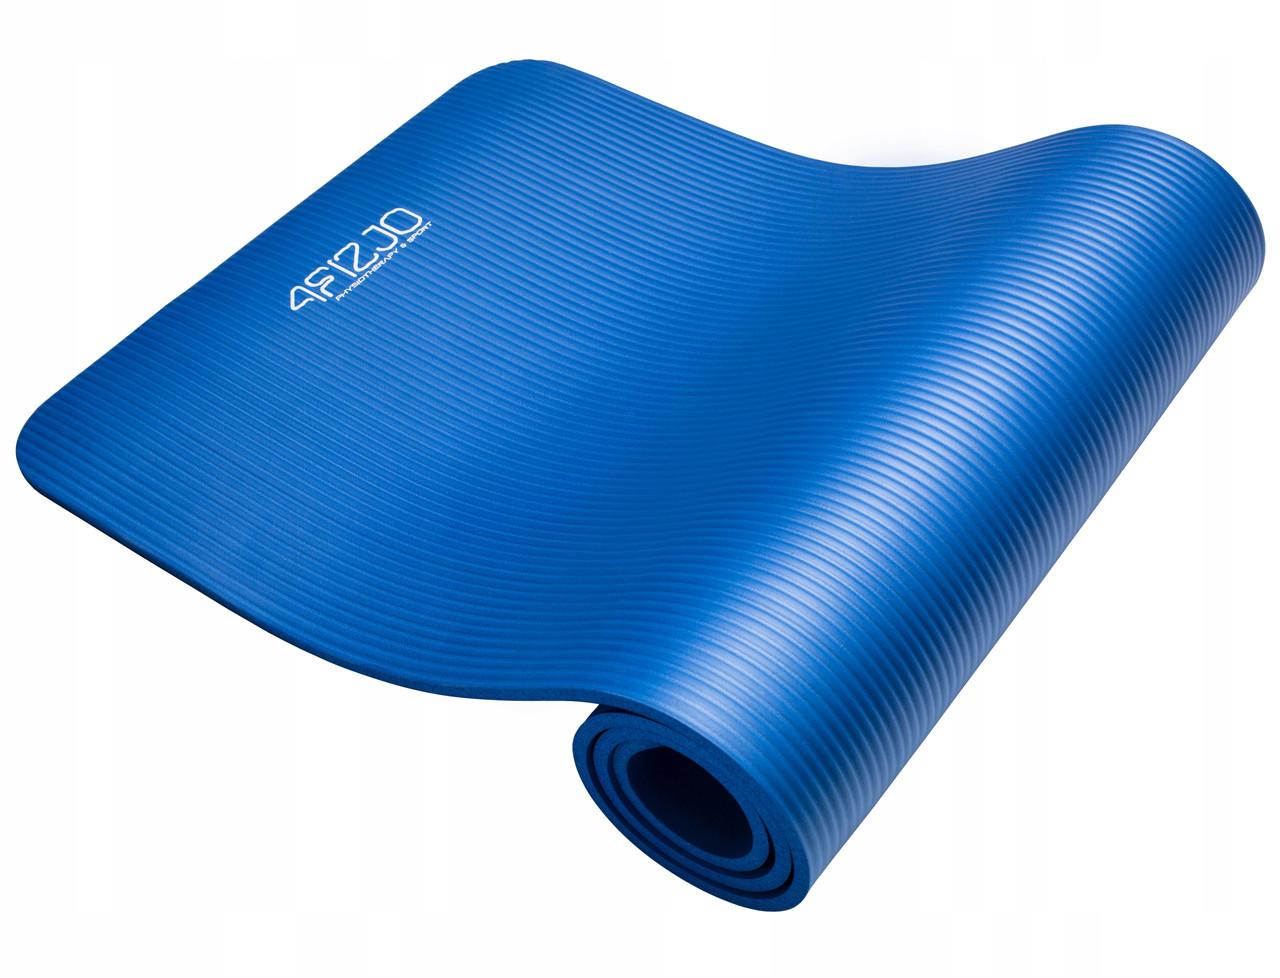 Килимок (мат) для йоги та фітнесу 4FIZJO NBR 1.5 см 4FJ0112 Blue